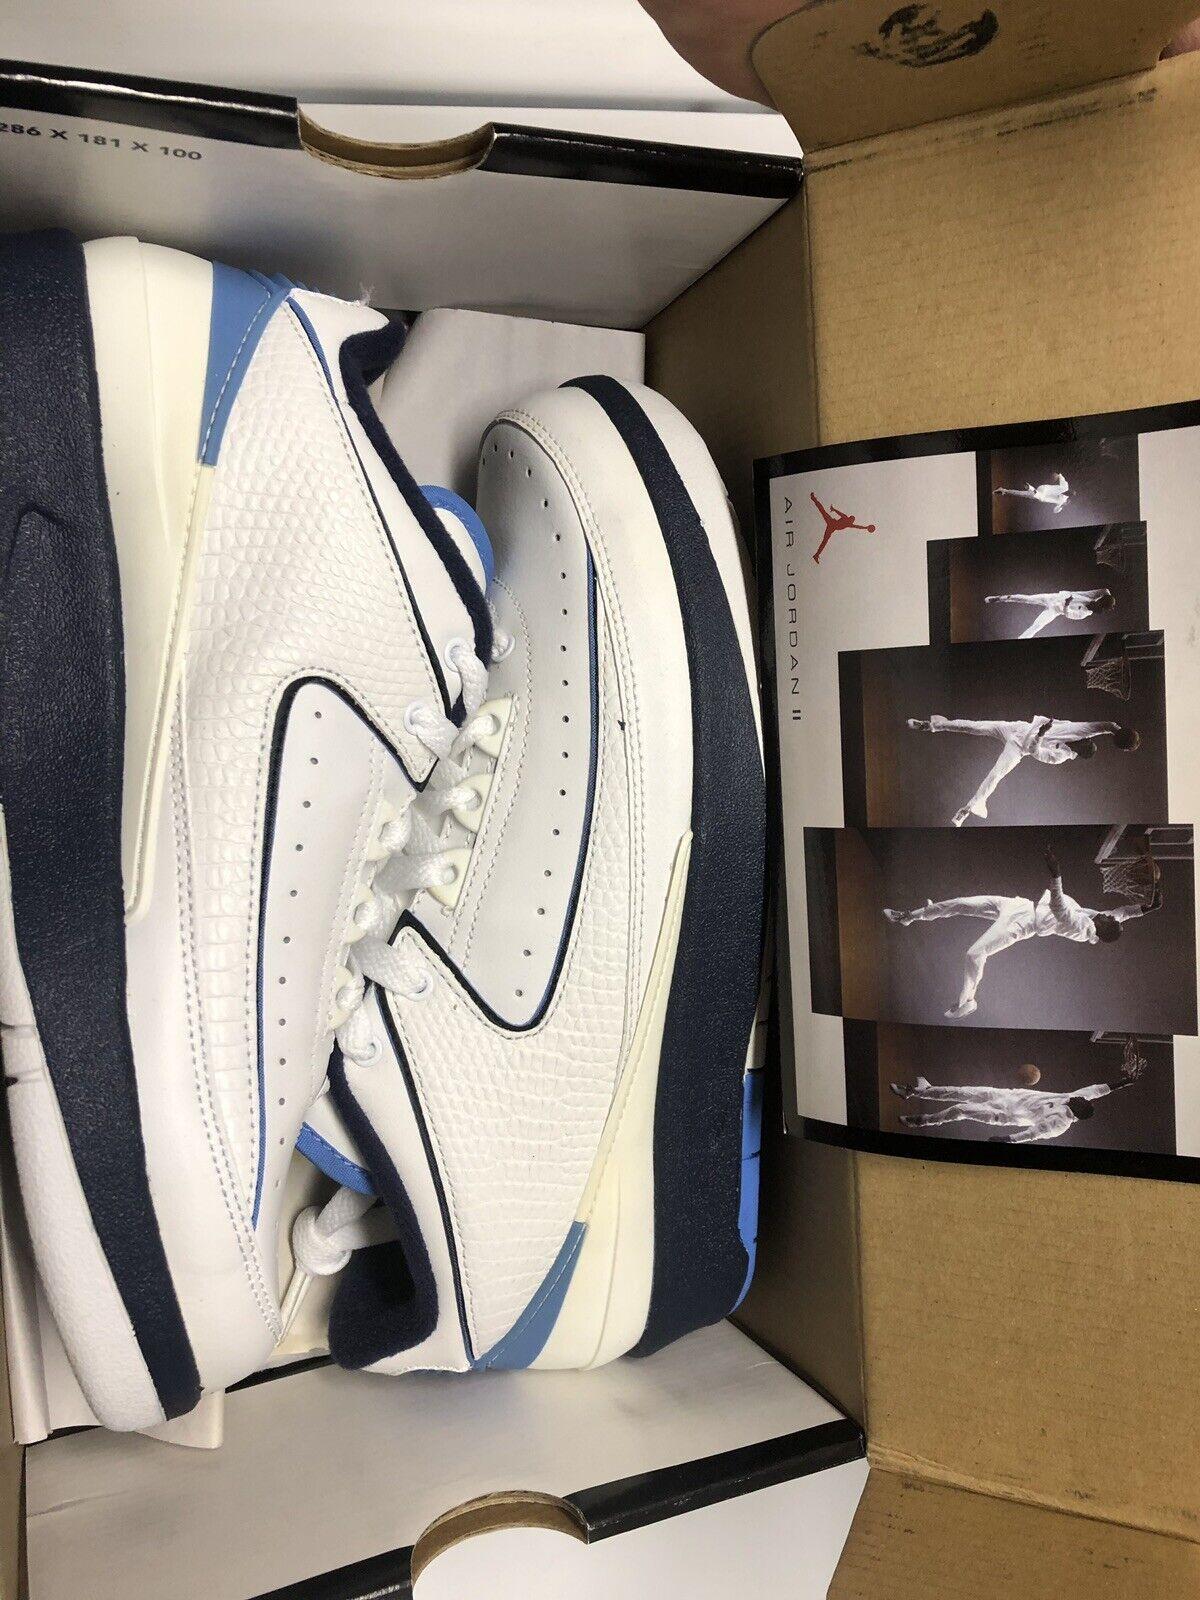 Air Jordan 2 Low DS Size 4.5 University bluee